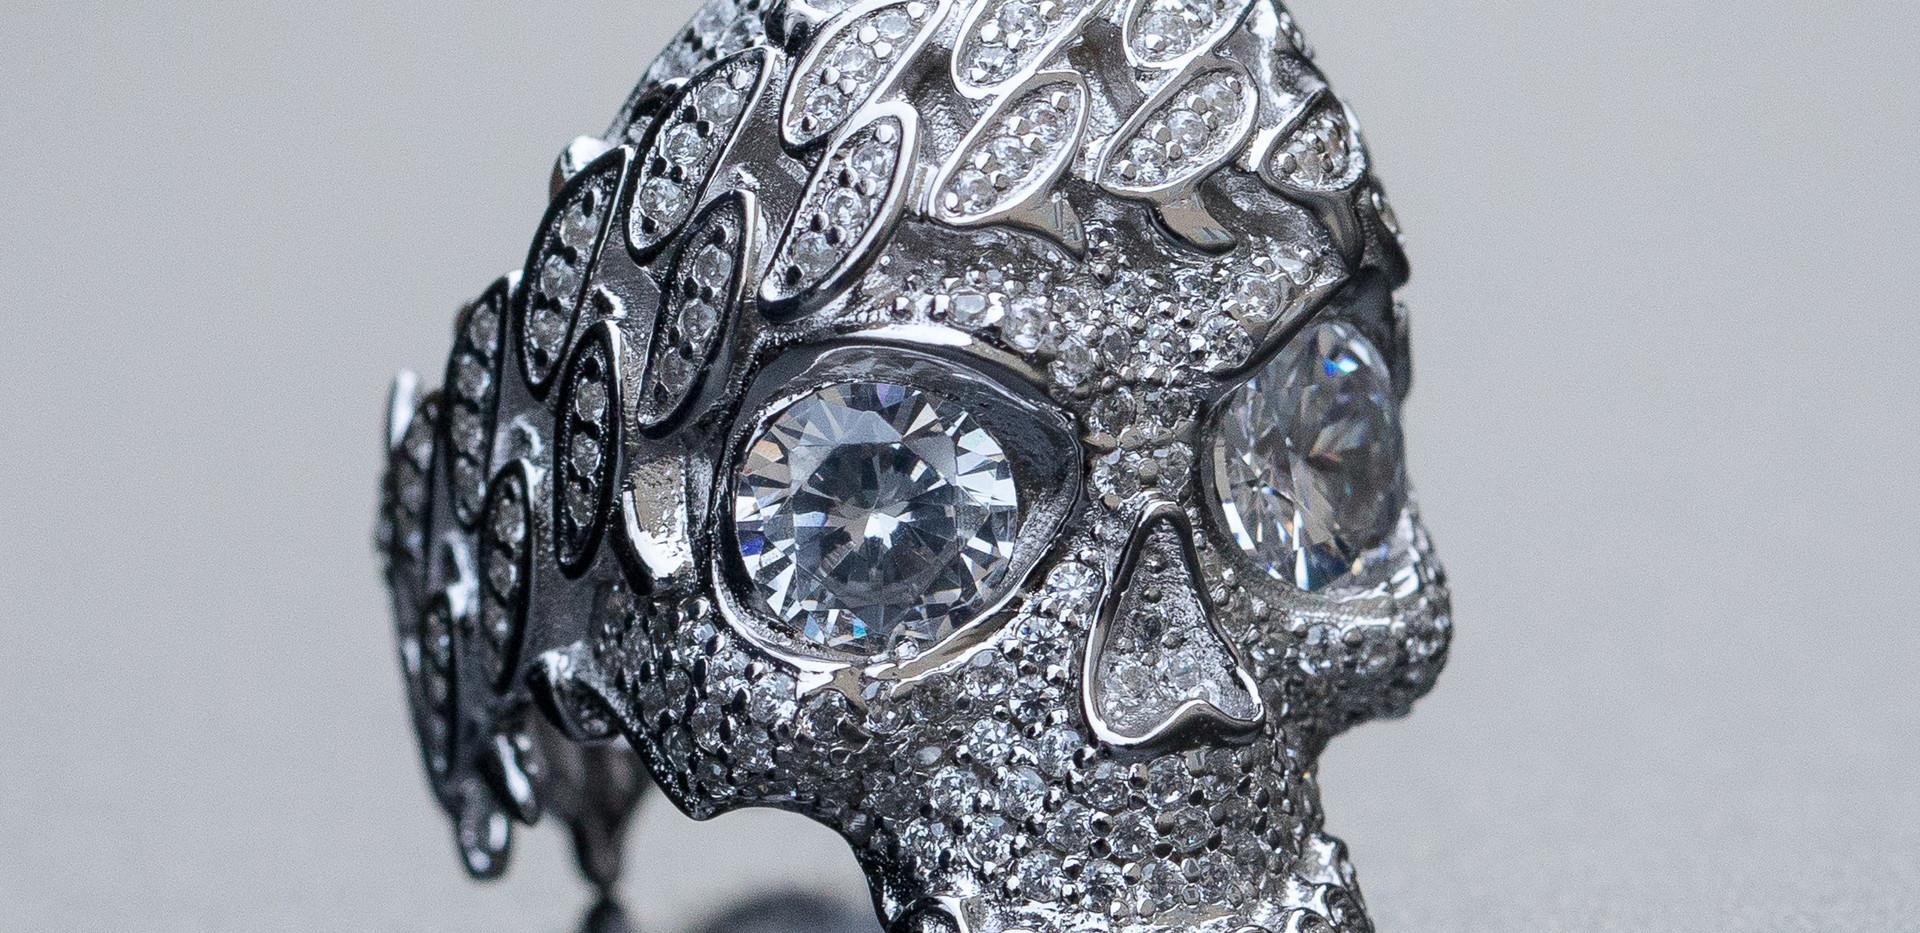 Skull Ring Designed By. Tim Da Jeweler